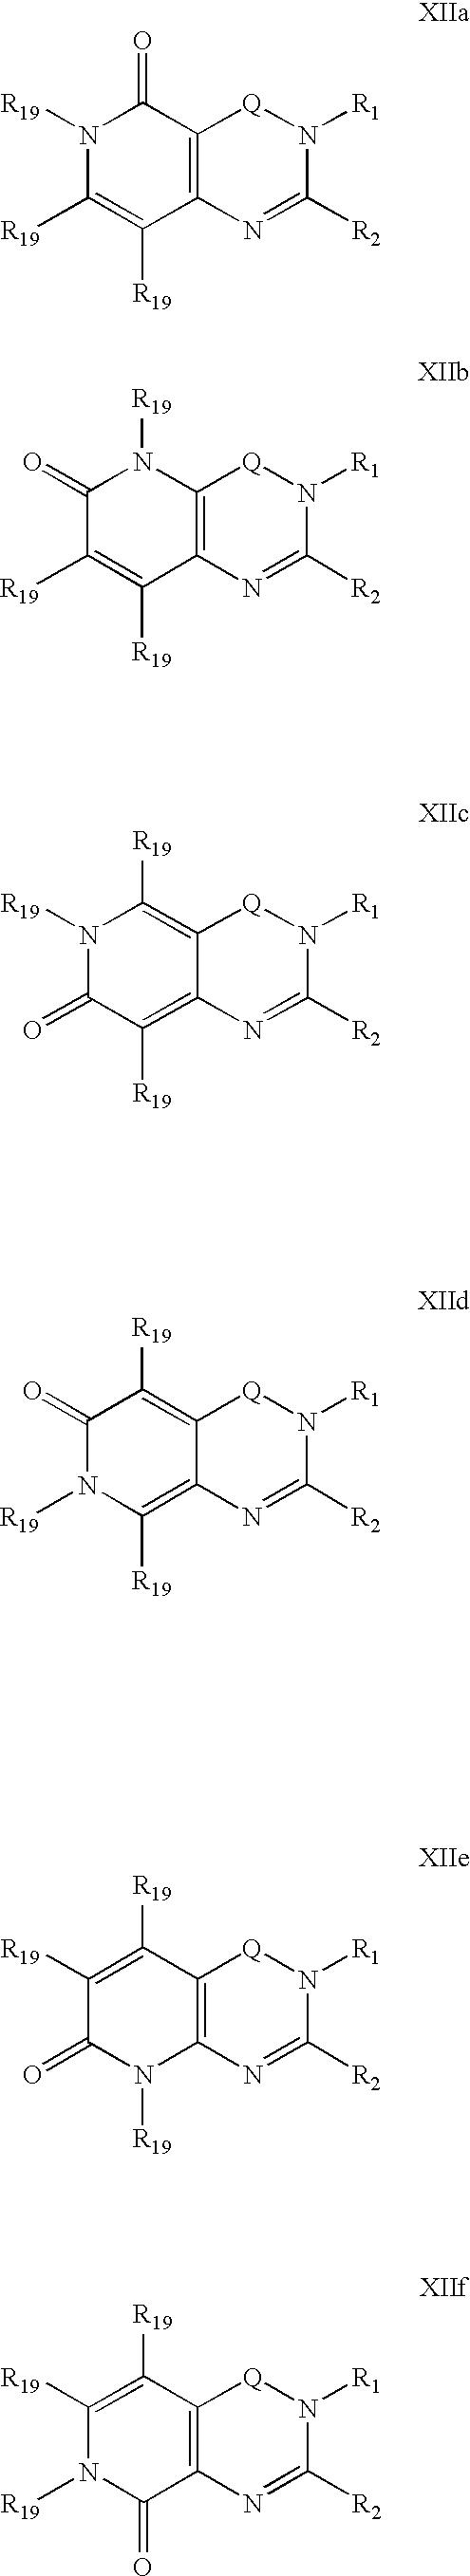 Figure US07687625-20100330-C00013